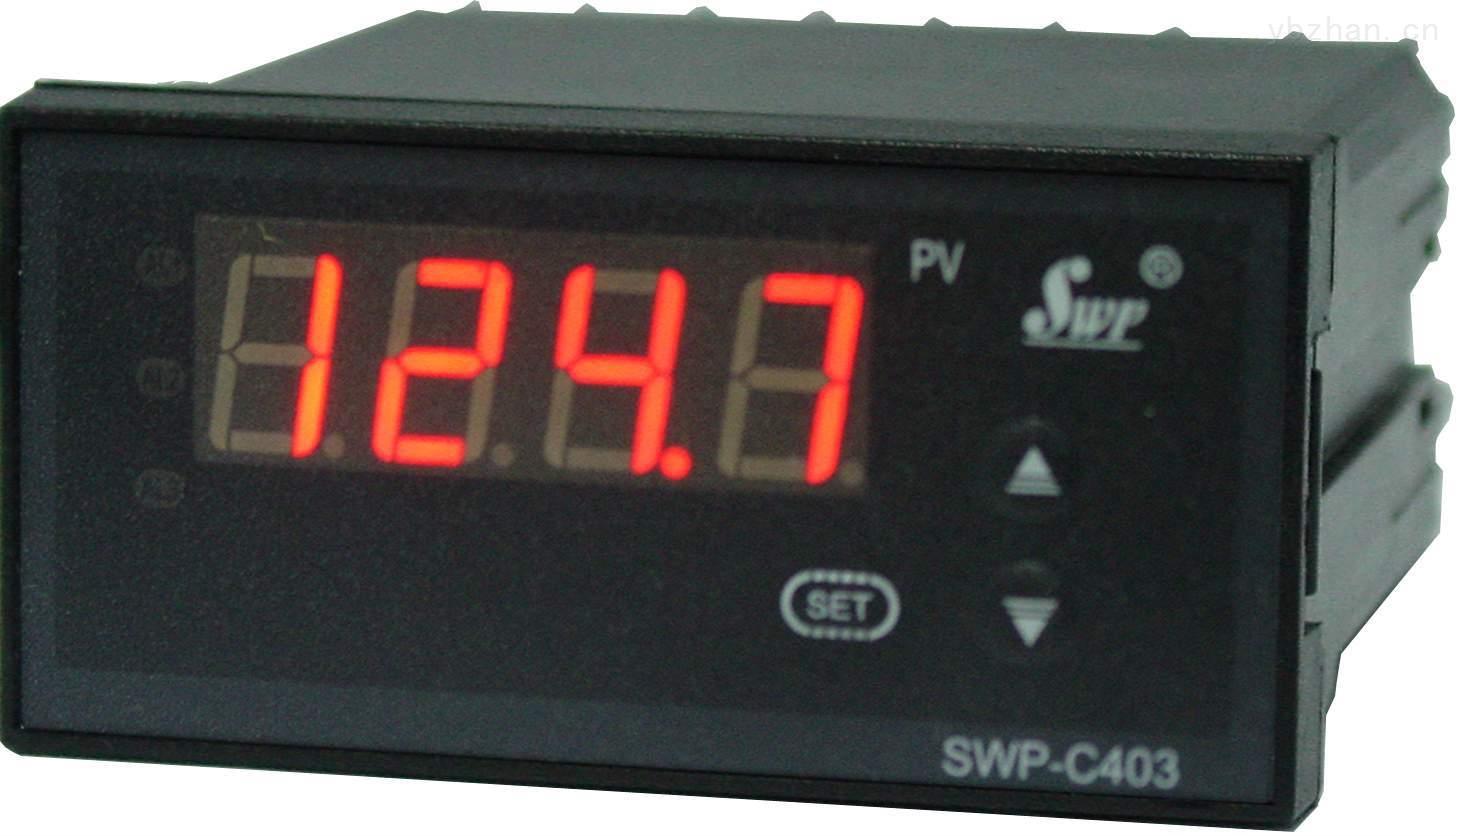 SWP-C403